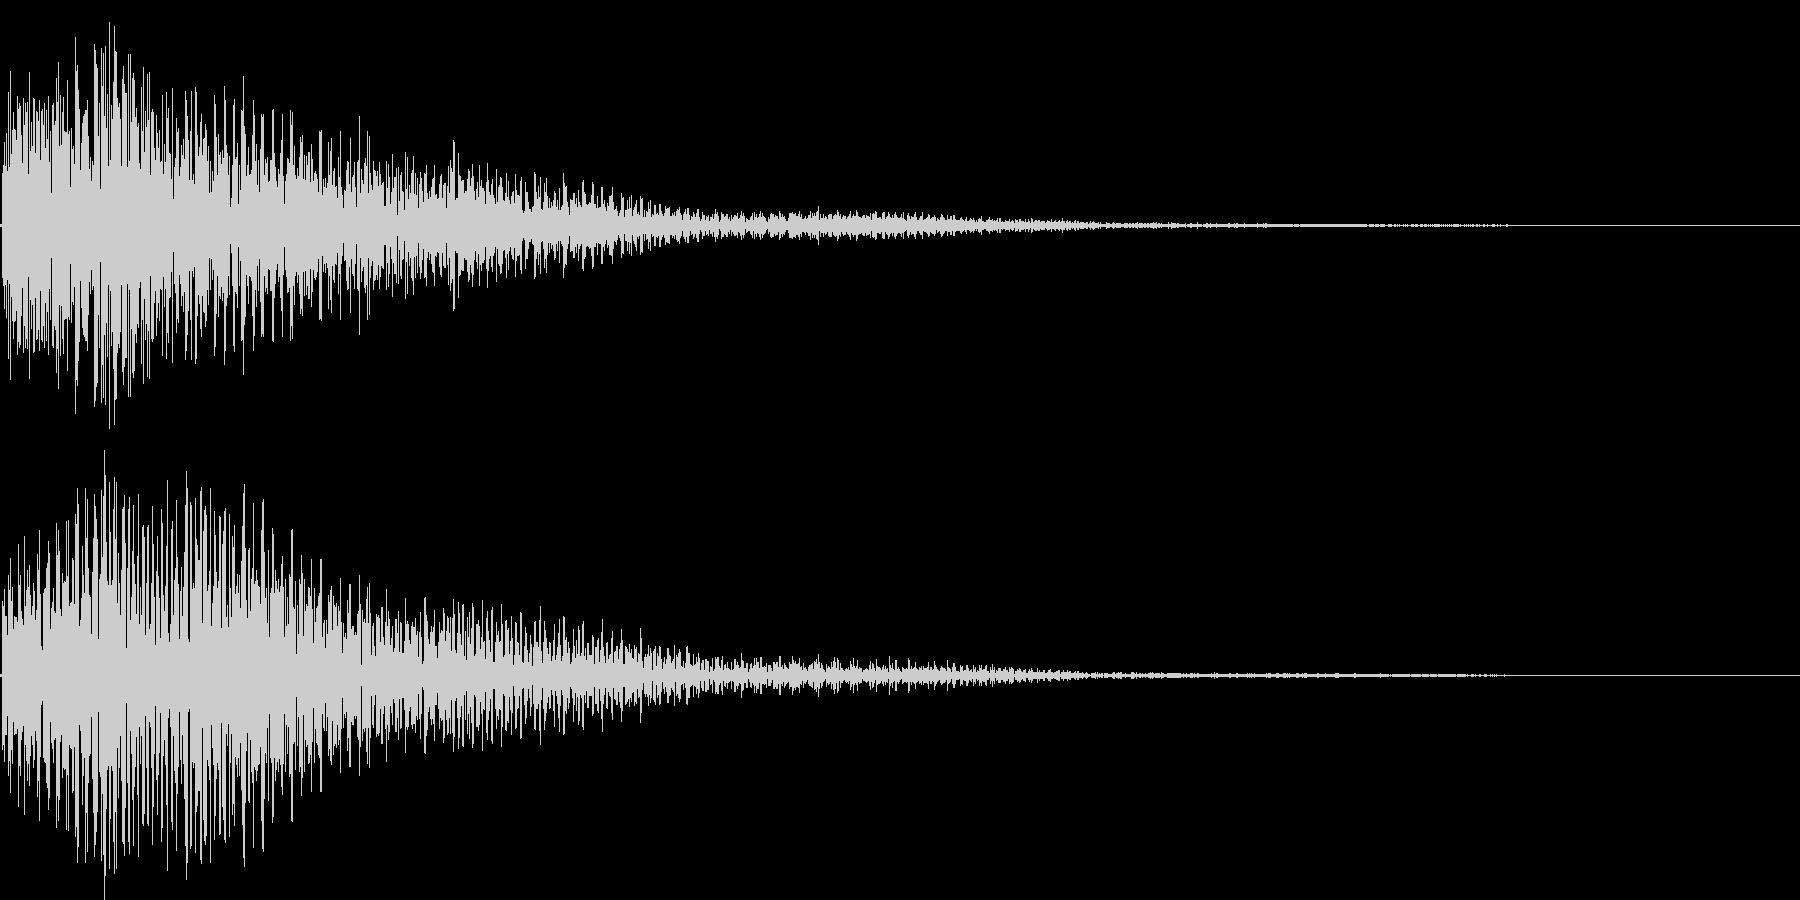 ゴゴーン(鐘、キャンセル、ショック)の未再生の波形